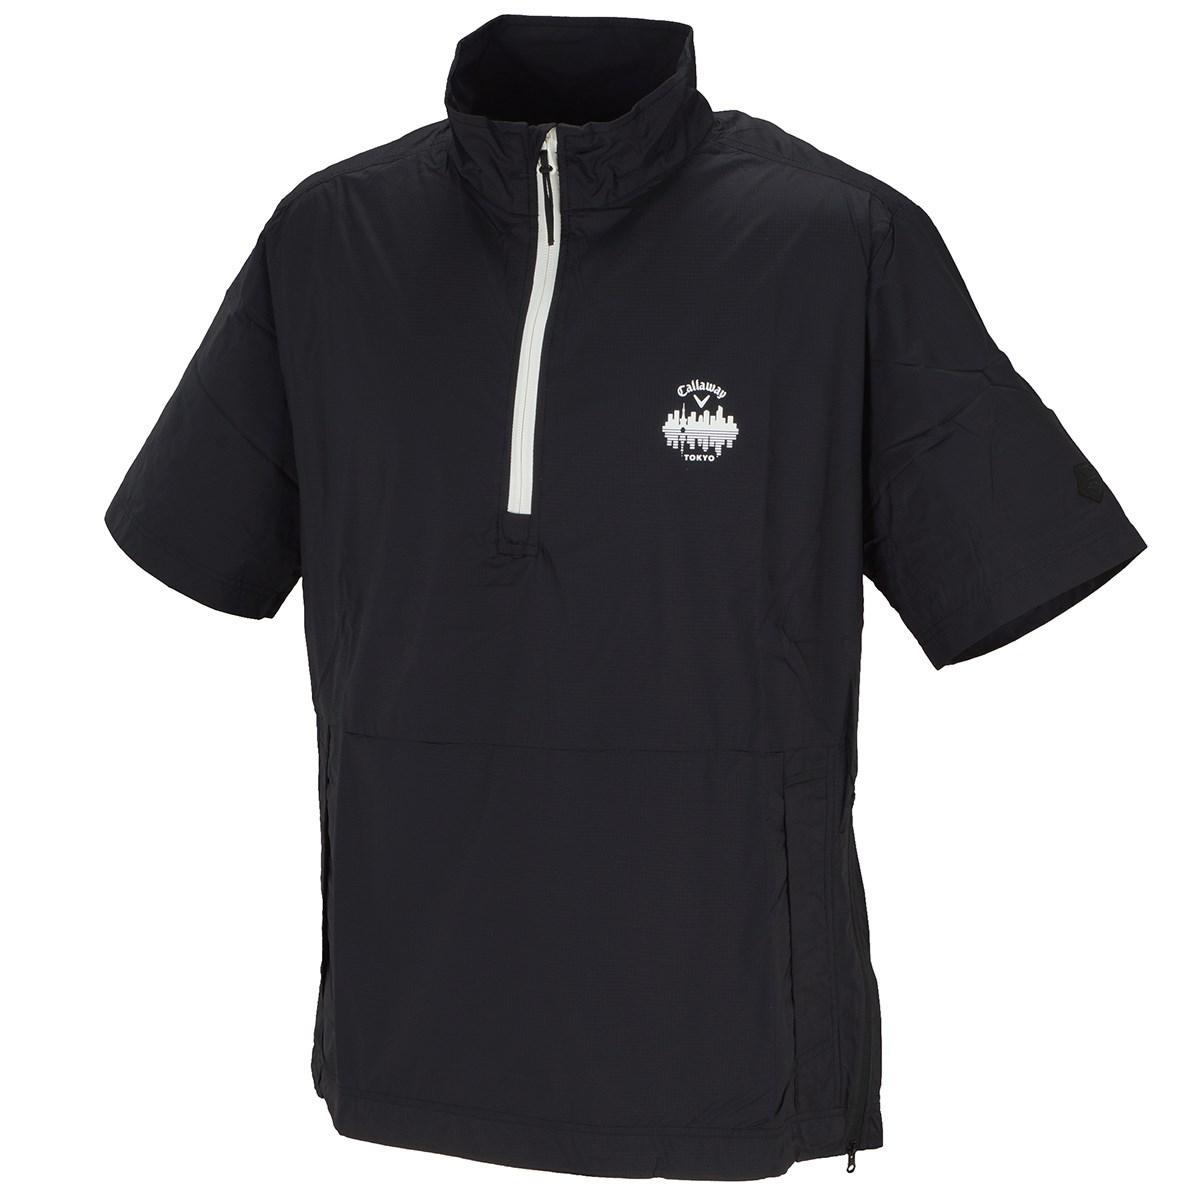 キャロウェイゴルフ Callaway Golf レギュラーシルエット リップストップ 半袖ブルゾン M ブラック 010